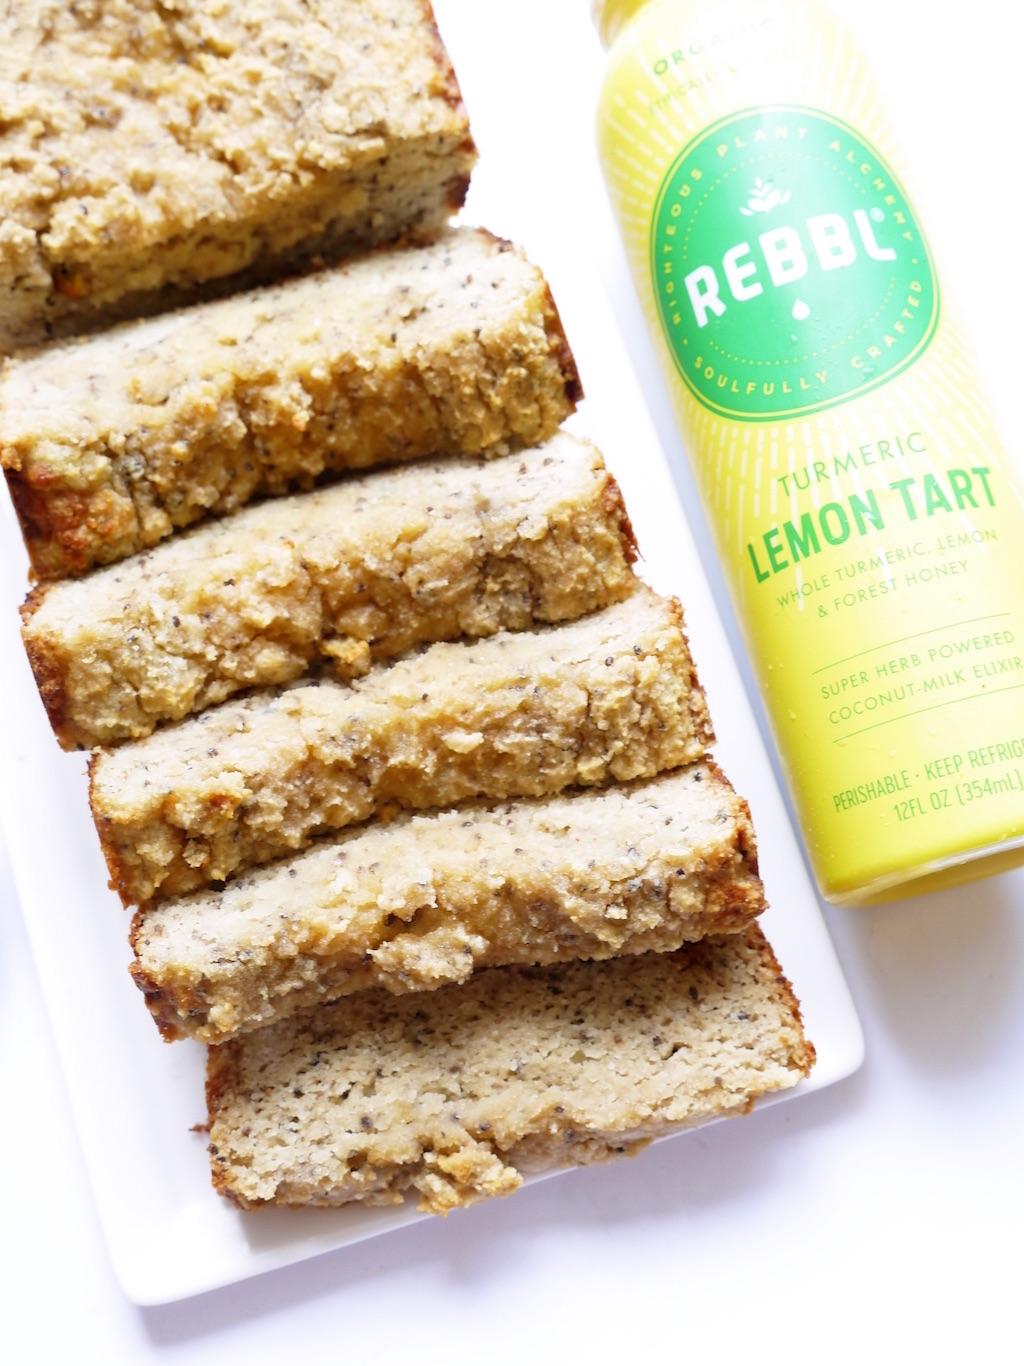 Lemon Turmeric Chia Loaf